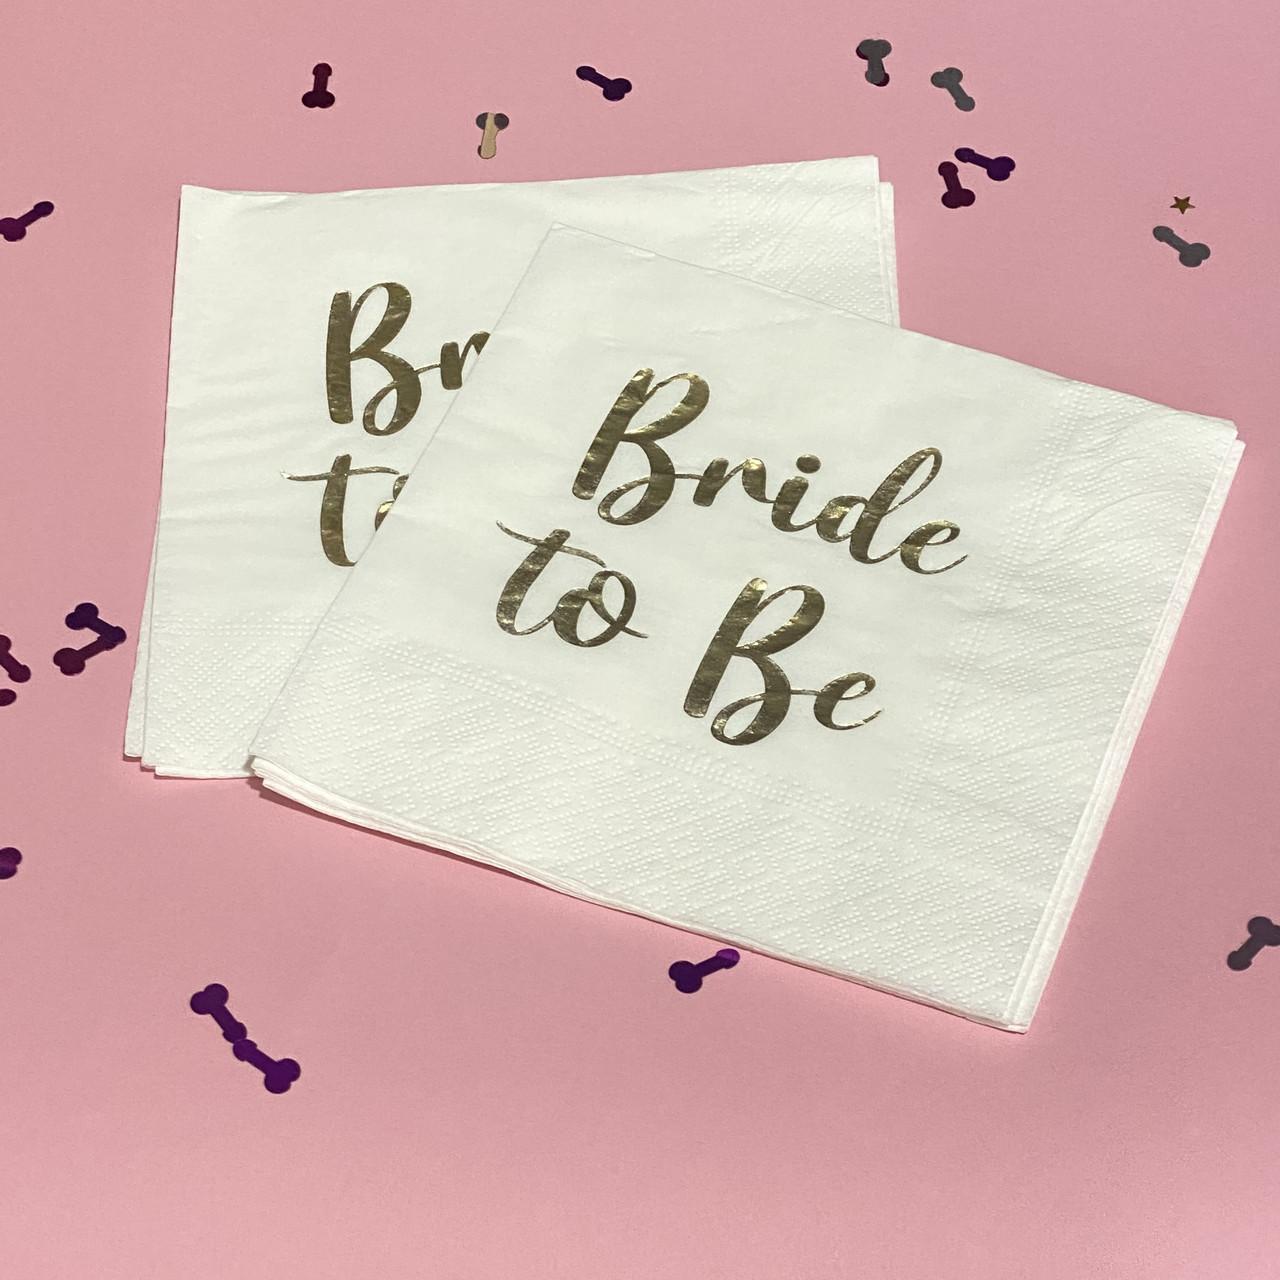 Салфетки бумажные Bride to be золото